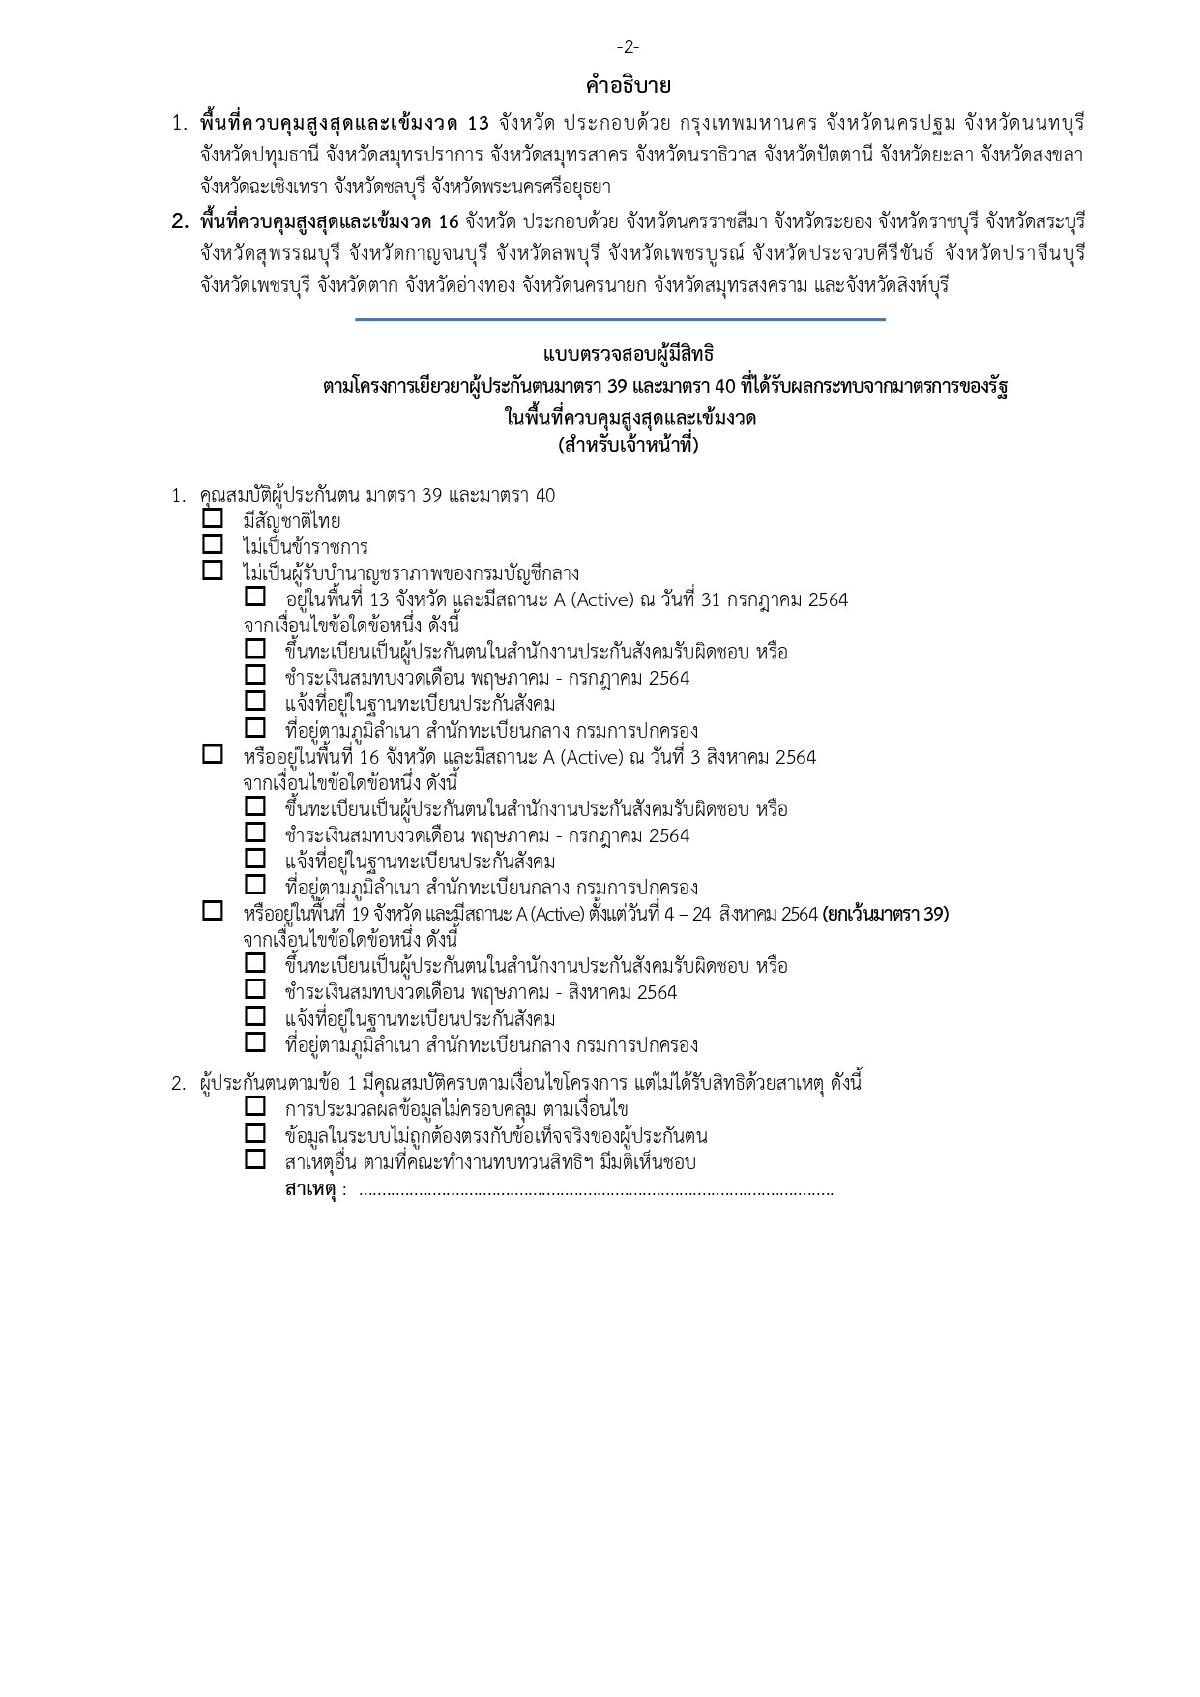 แบบคำขอทบทวนสิทธิ, ทบทวนสิทธิ, ทบทวนสิทธิเยียวยา, วันโอนเงินเยียวยา, ม.33, ม.39, ม.40, พร้อมเพย์, ผูกพร้อมเพย์เลขบัตรประชาชน, สำนักงานประกันสังคม, ประกันสังคม, มาตรา 33, มาตรา 39, มาตรา 40, วัคซีนโควิด, ฉีดวัคซีน, AstraZeneca, Sinovac, นายจ้าง, ผู้ประกันตน, เช็กสิทธิประกันสังคม